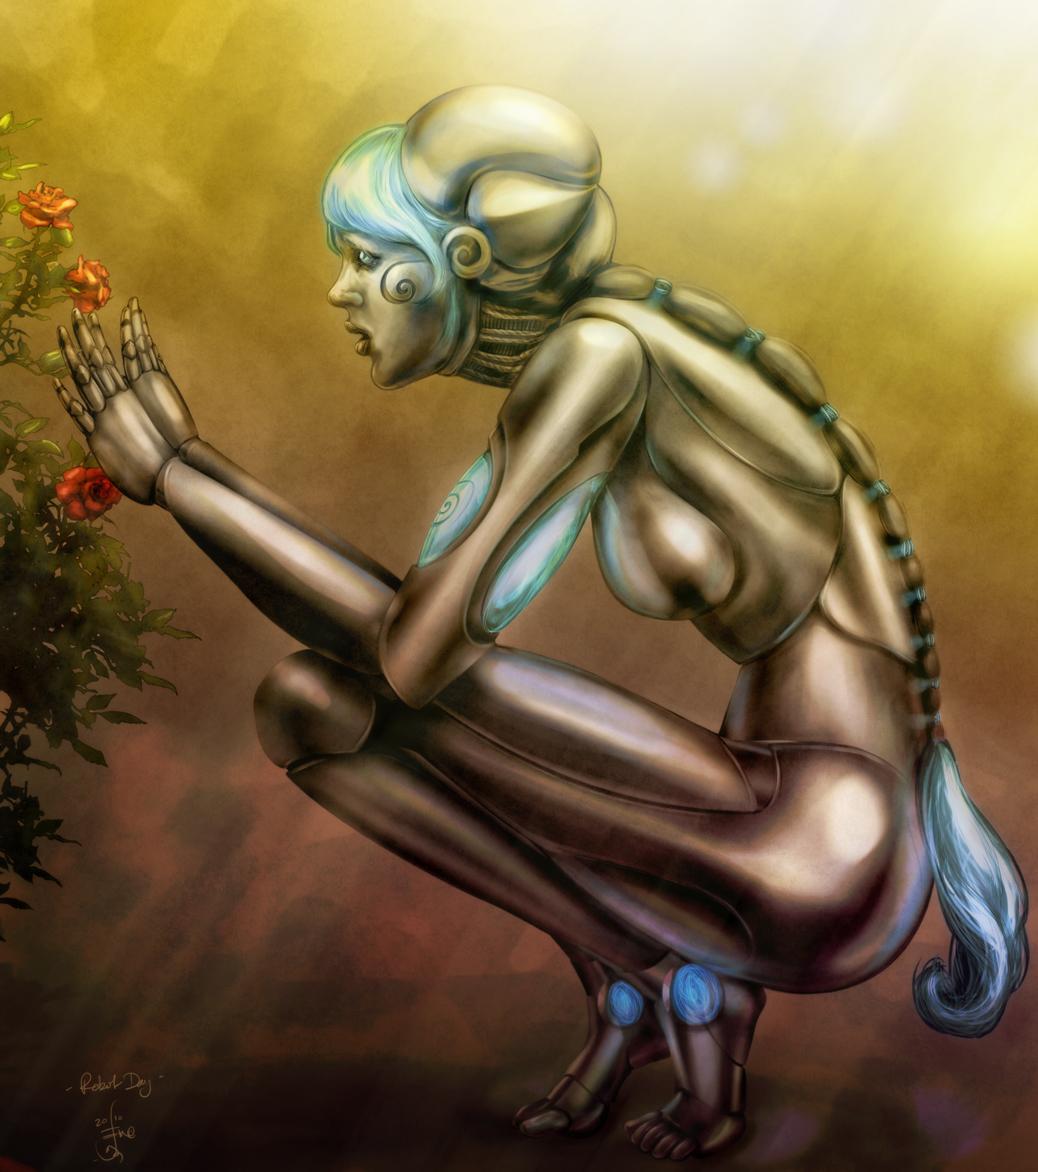 RobotDay2010